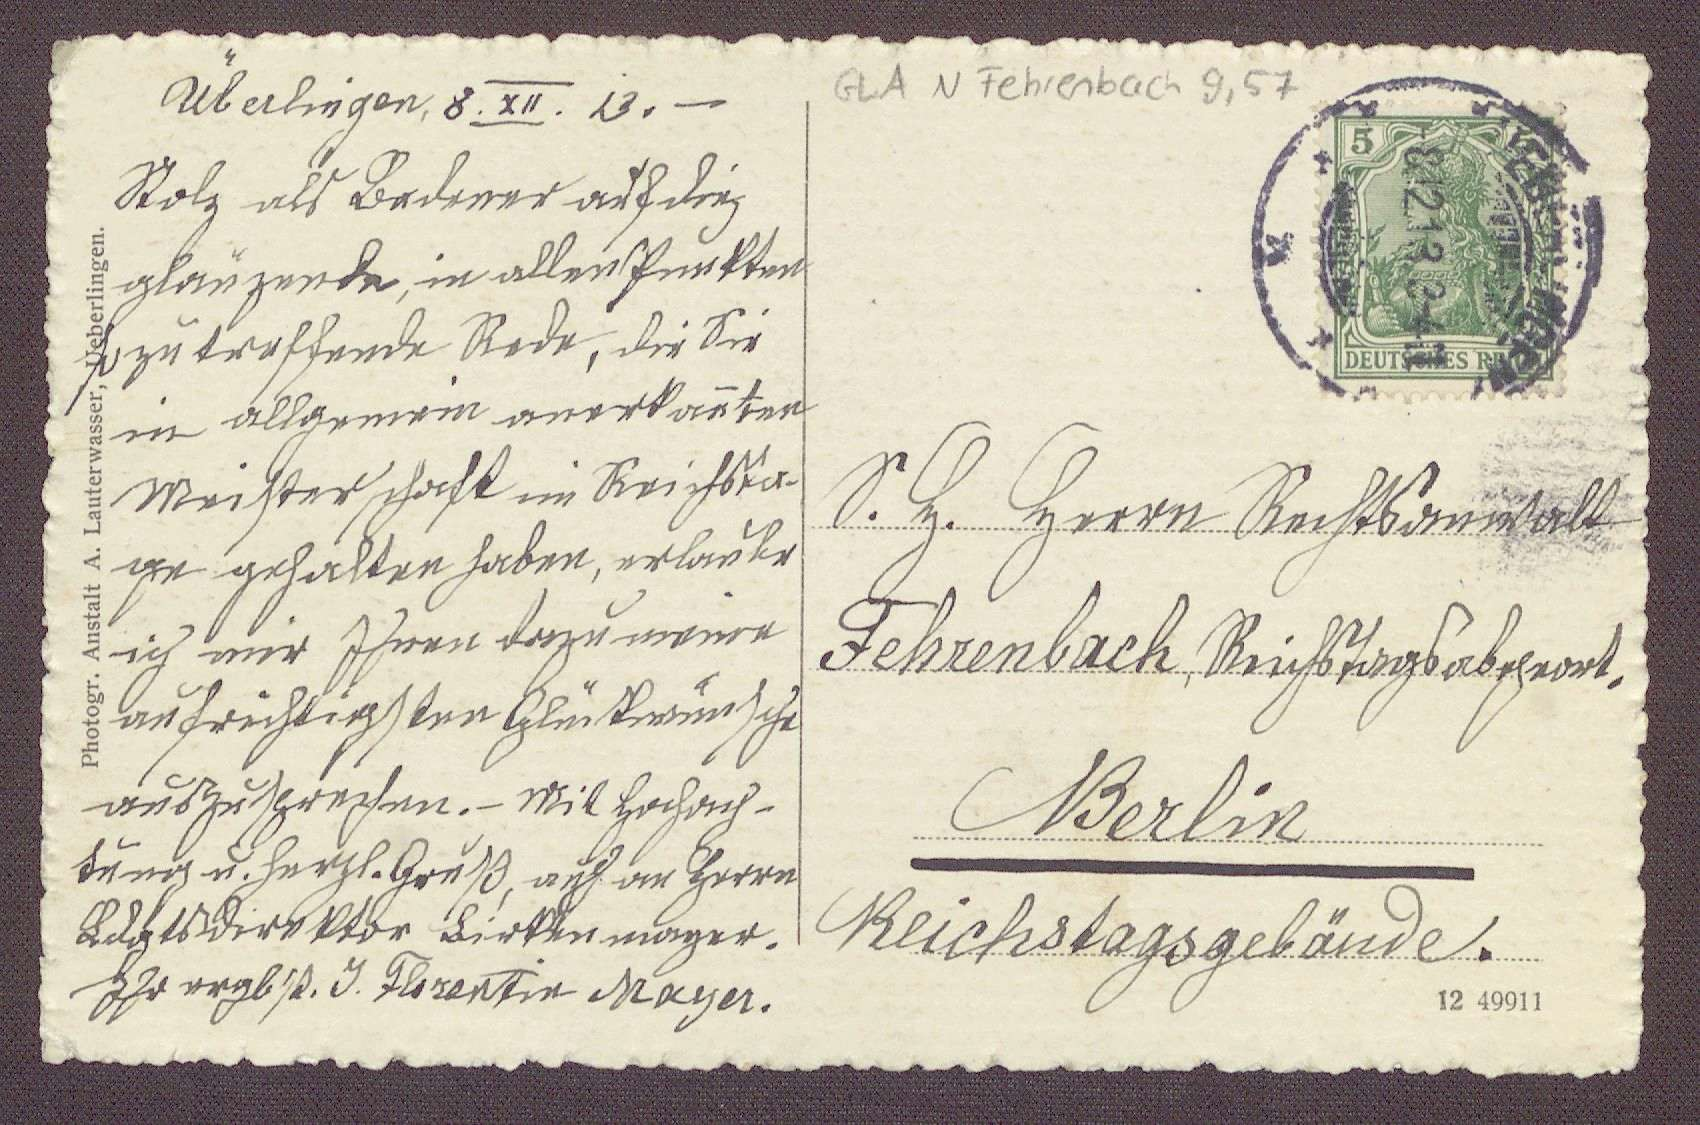 Postkarte mit einem Motiv des Münsters in Überlingen von Florentin Mayer an Constantin Fehrenbach, Lob für die Zabern-Rede, Bild 1